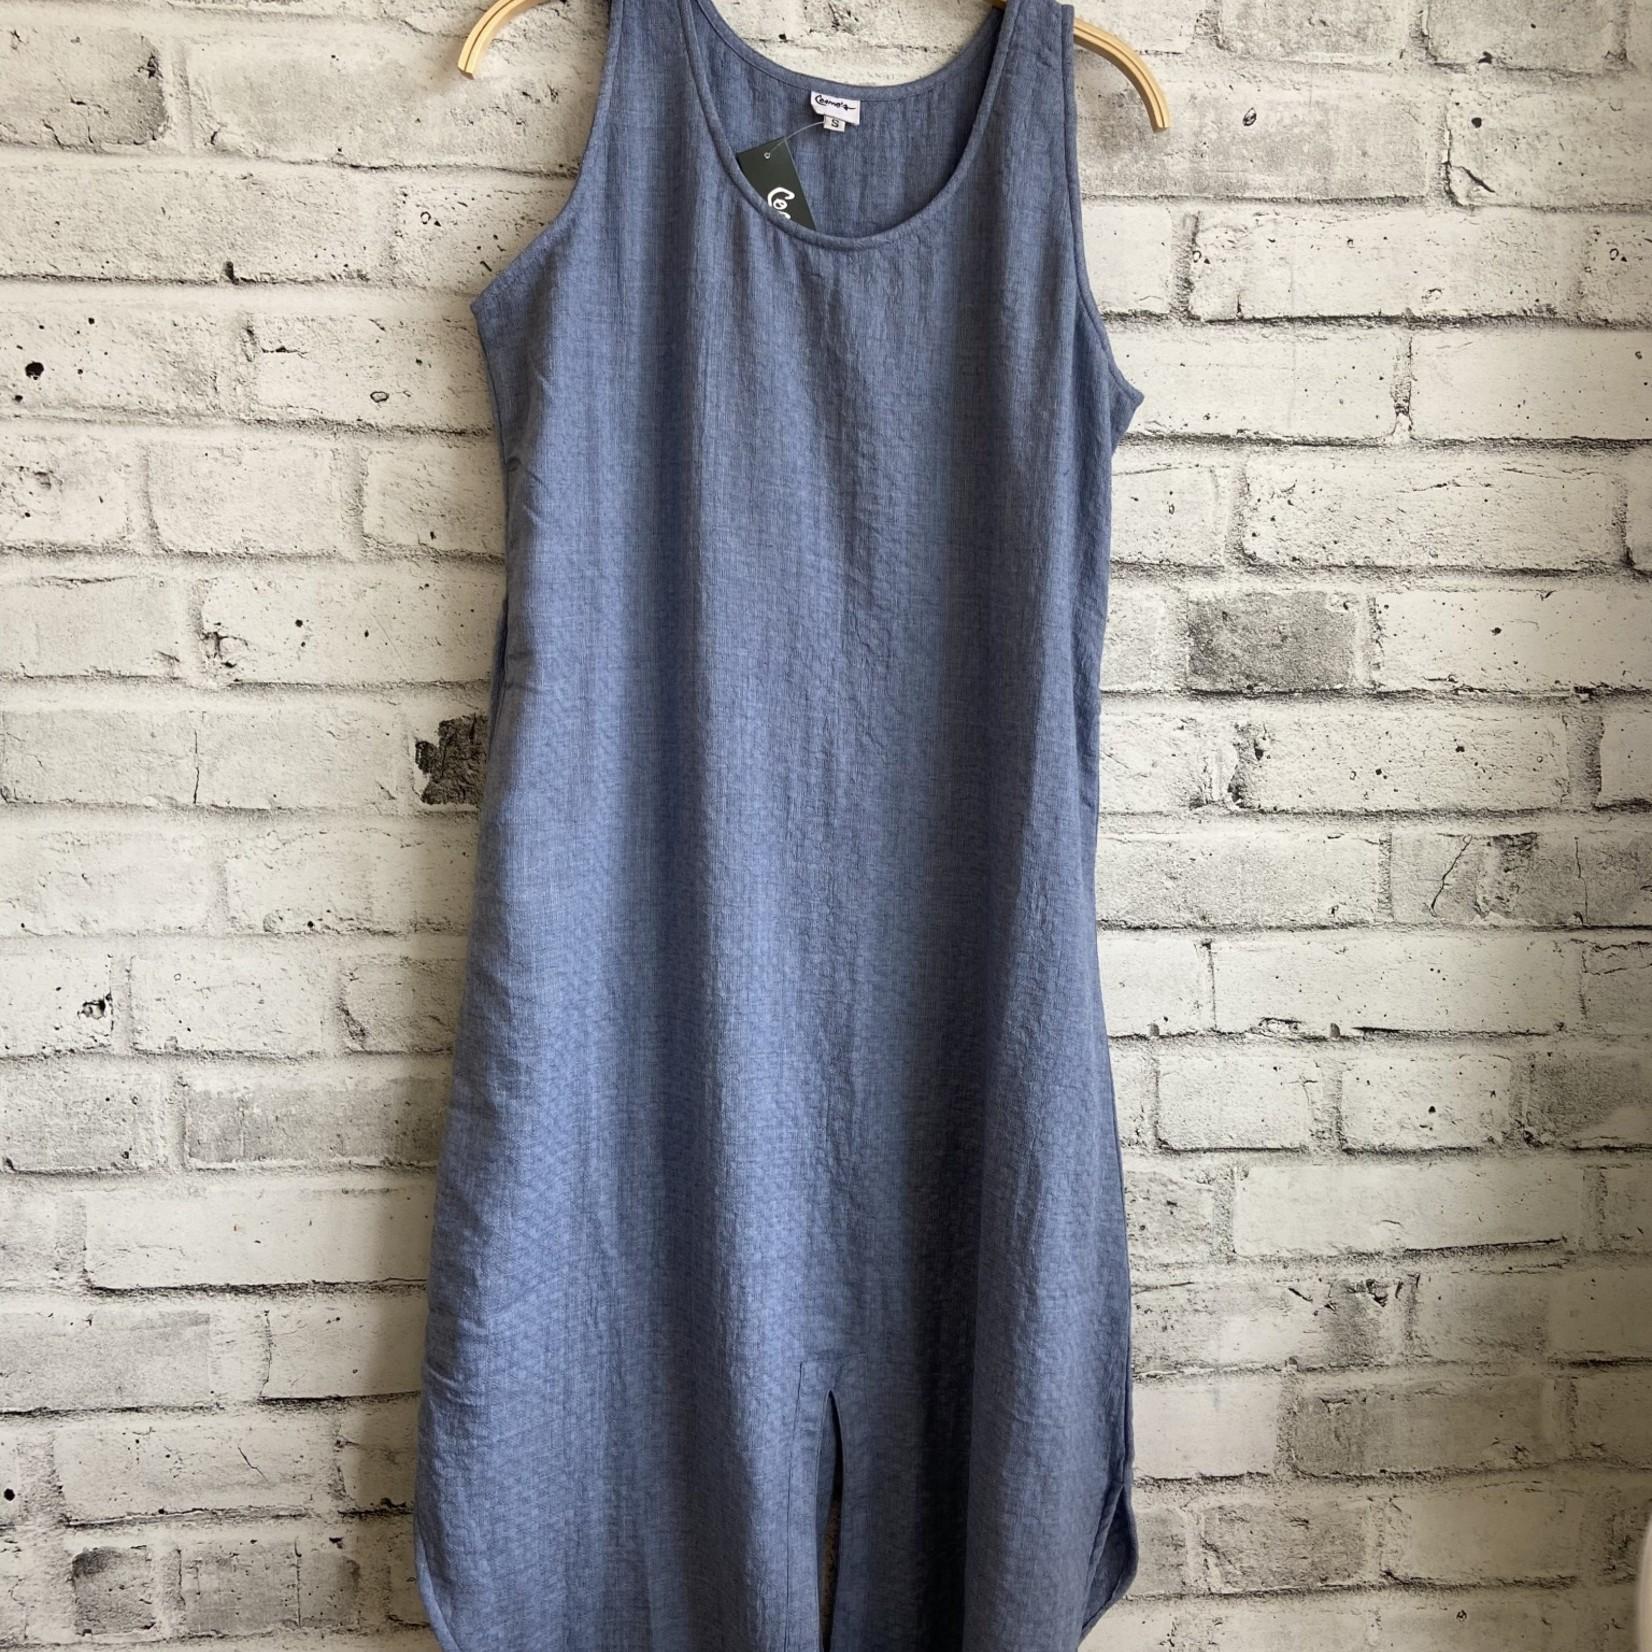 Cosmo's Impex Enterprises Linen Dress 810